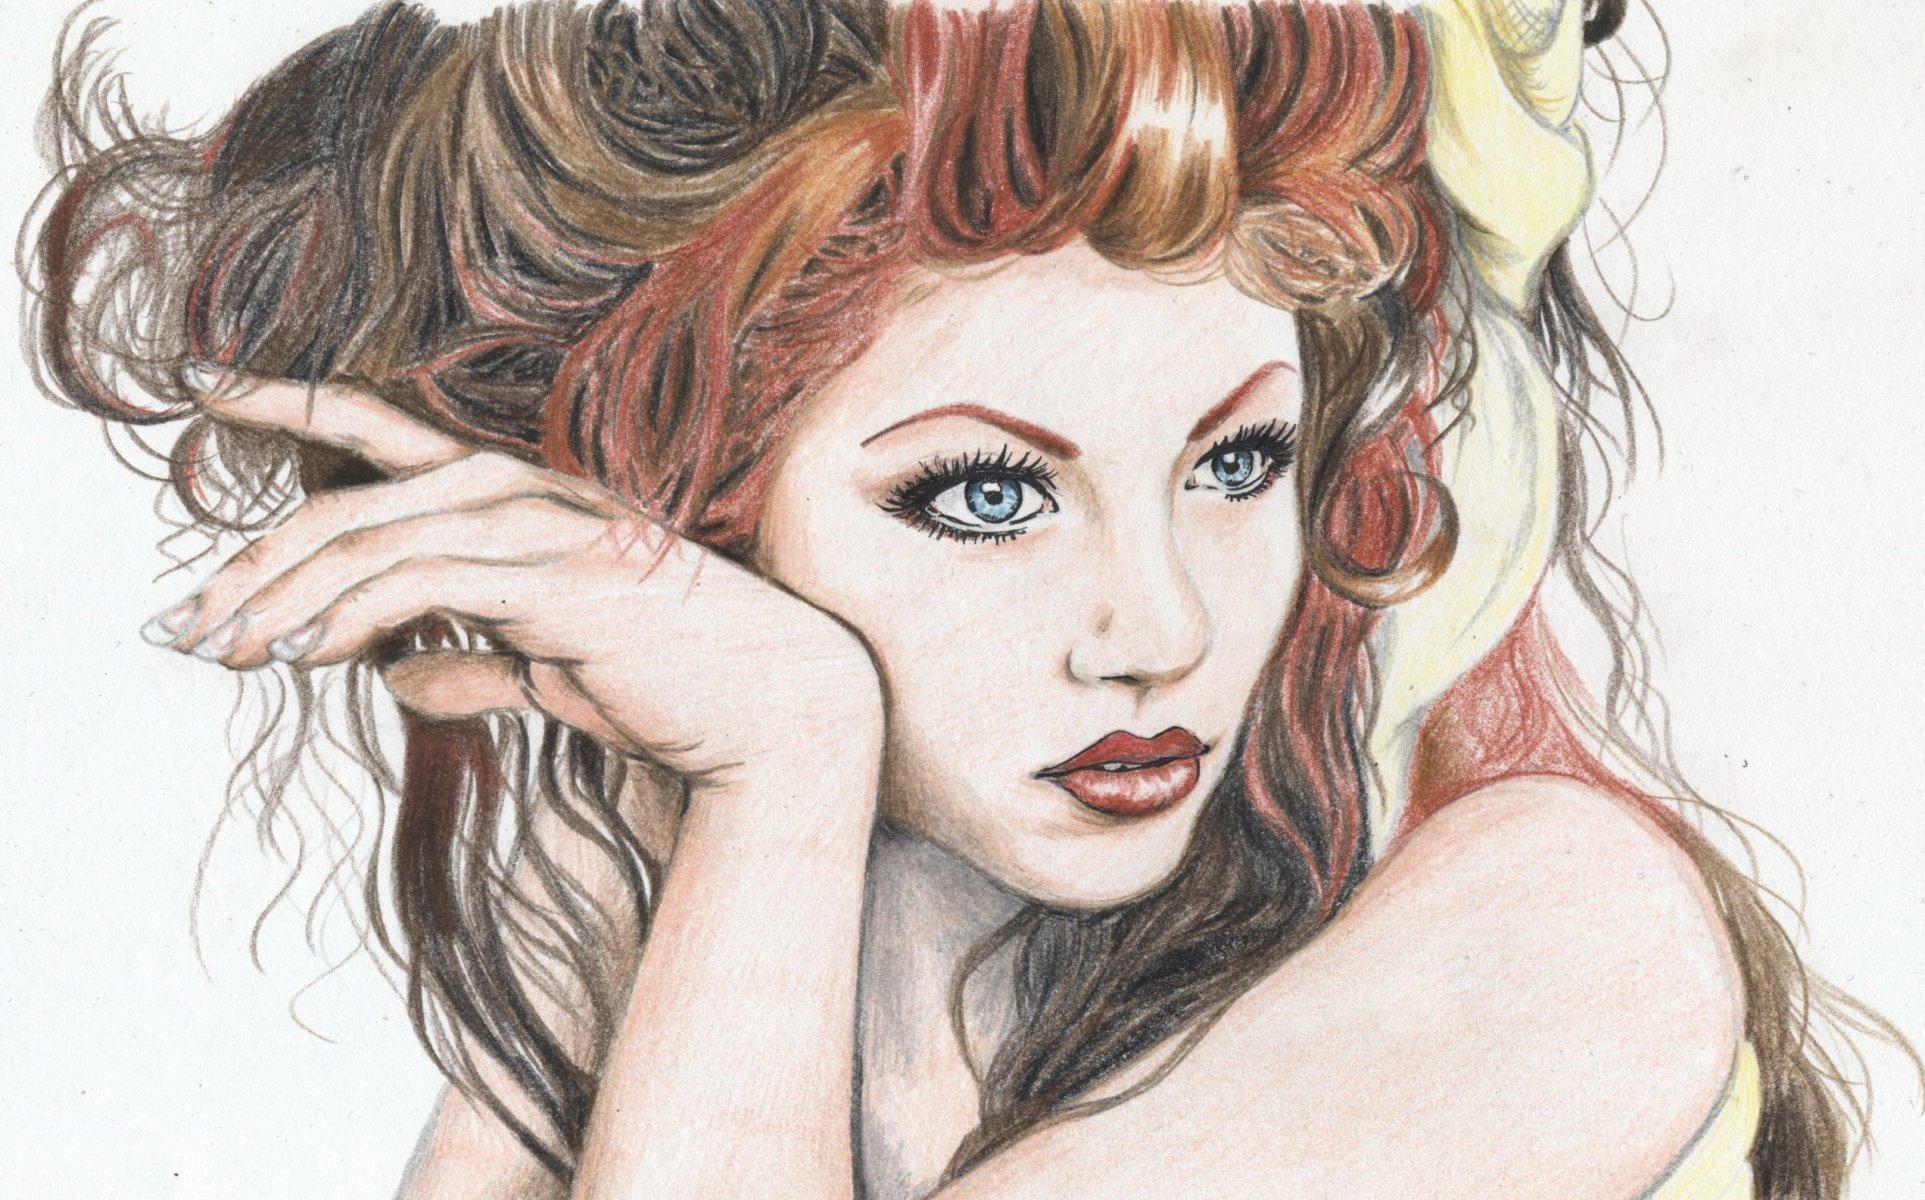 Нарисованные картинки арт